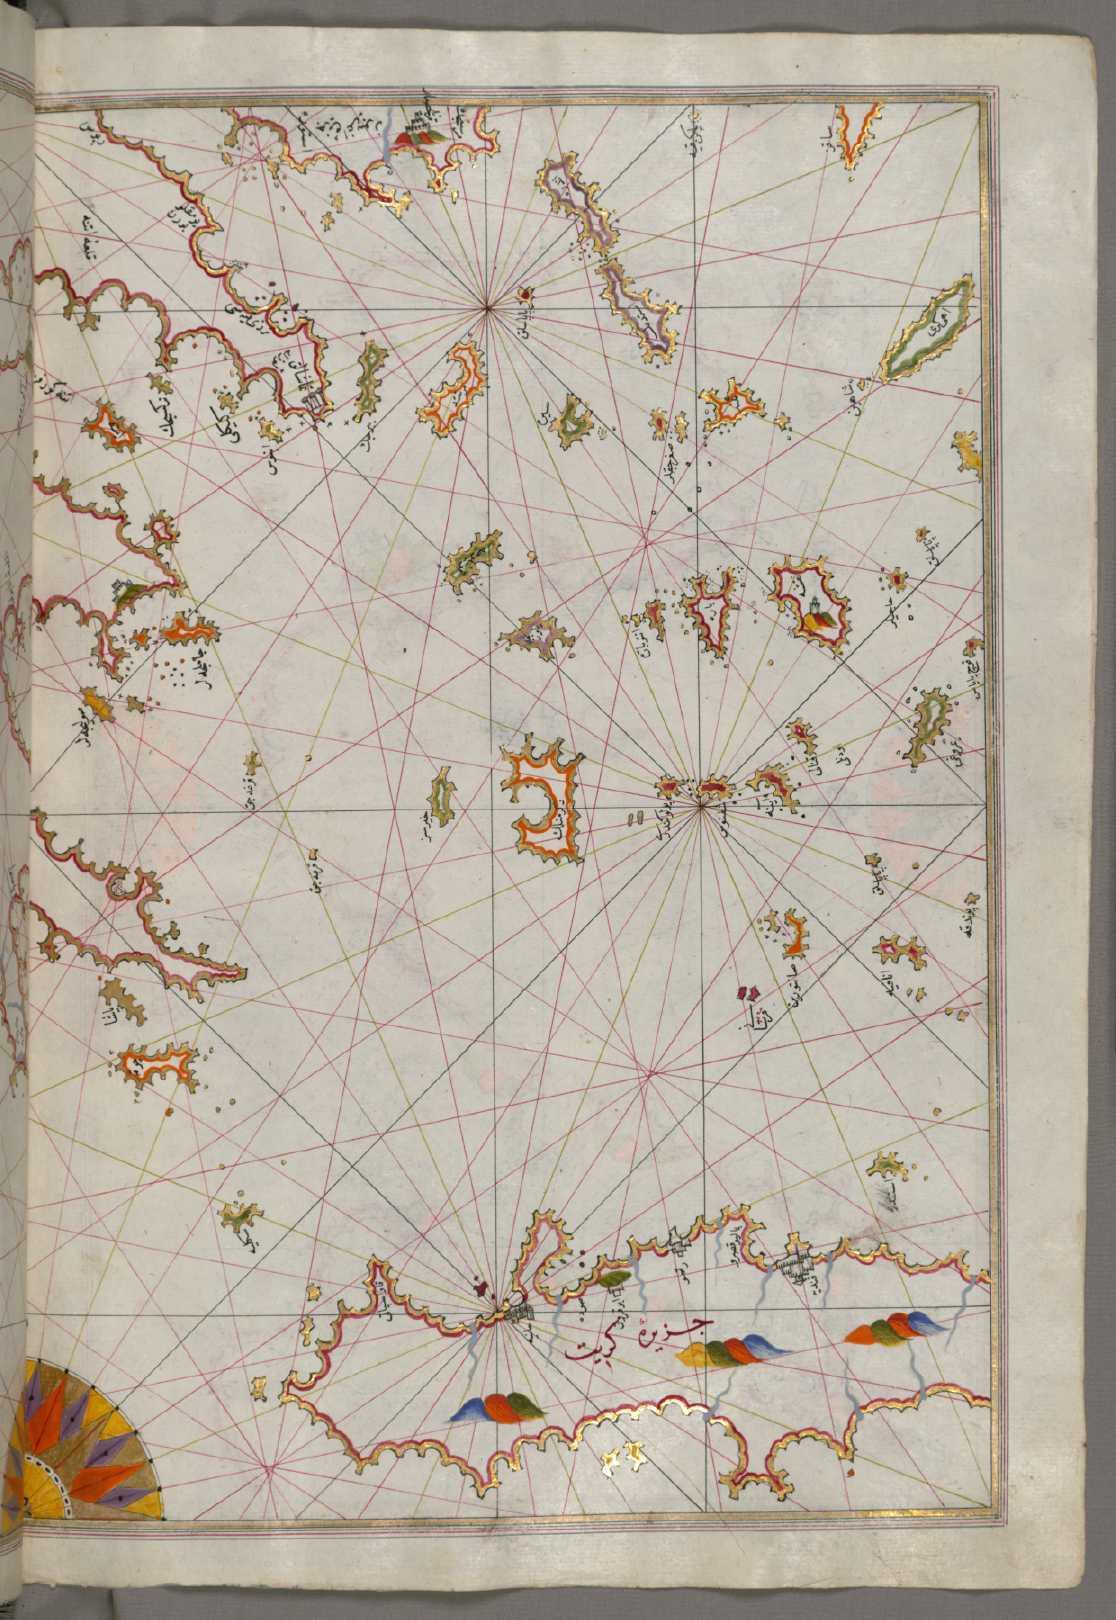 بالصور خريطة بيري ريس , تعرف على تاريج هذه الخريطة 11522 10